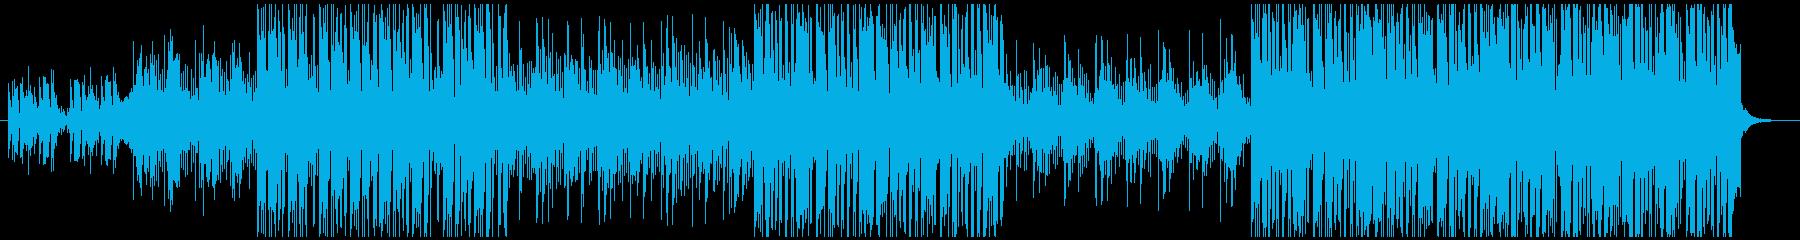 淡々としたクールなシンセサウンドの再生済みの波形